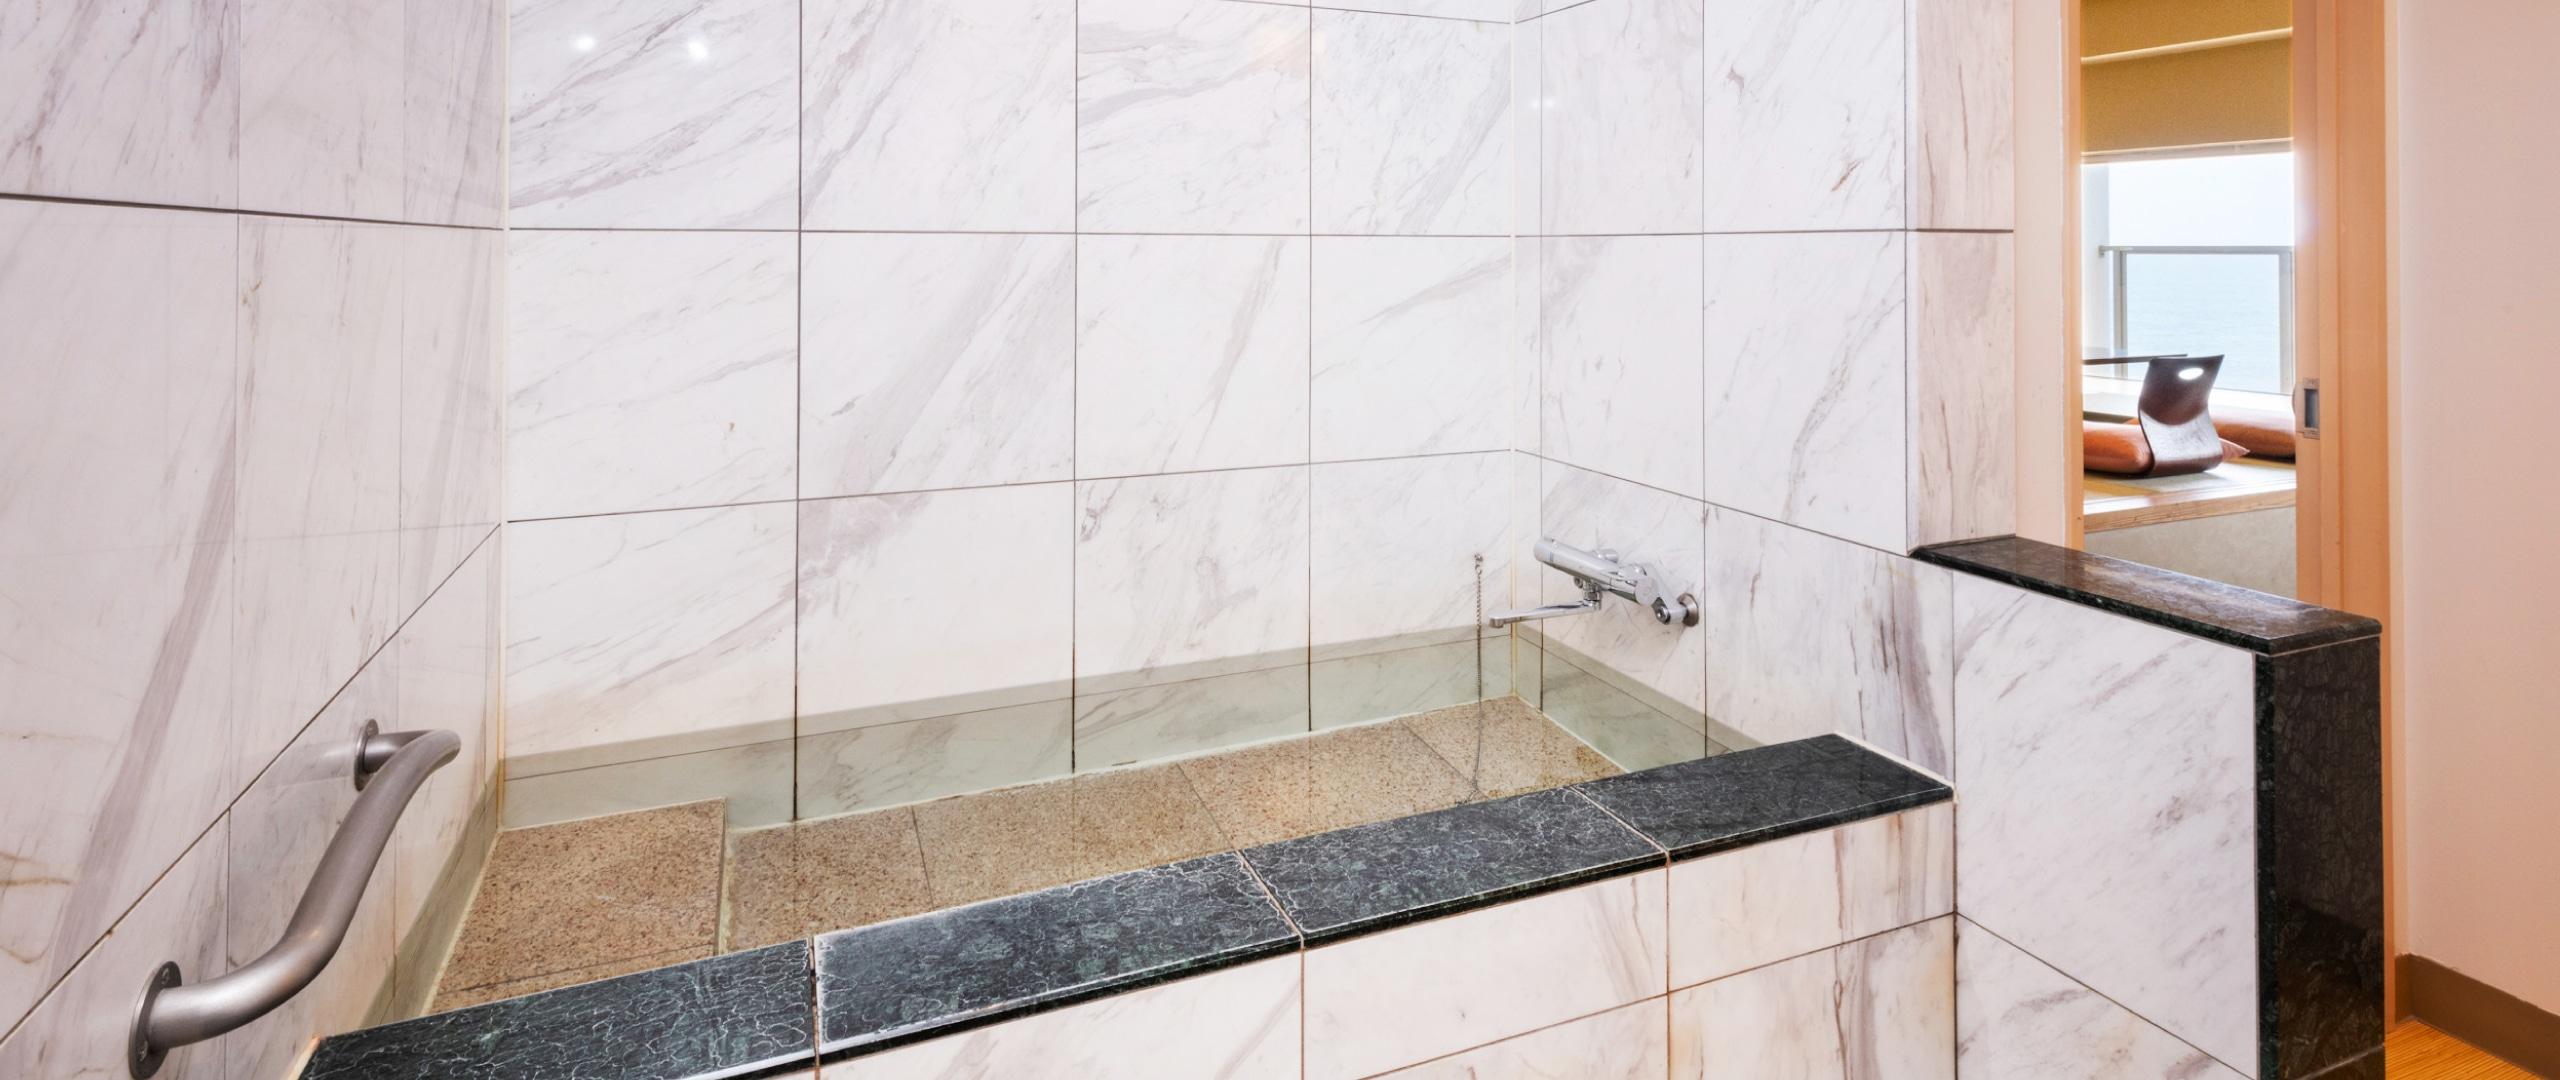 バリアフリーに配慮した浴室